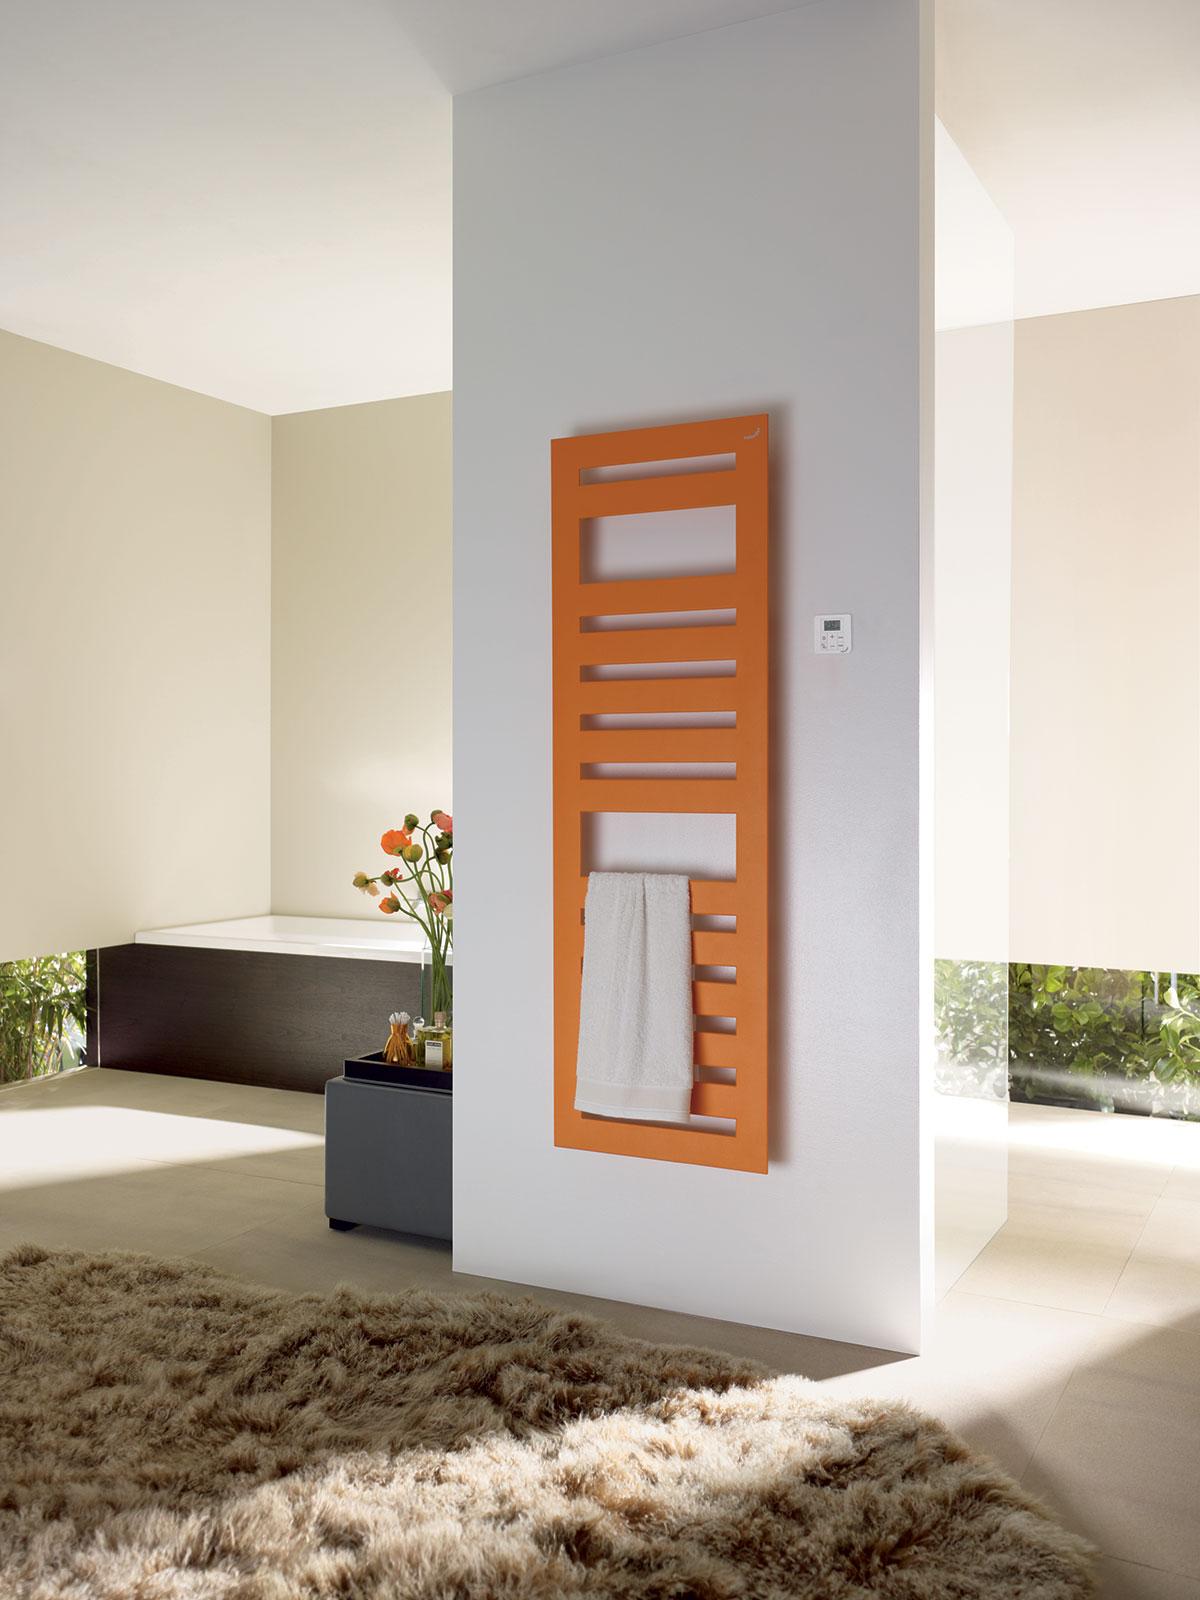 Aj keď nechcete na jar a na jeseň vykurovať celý dom alebo byt, môžete si dopriať teplo v kúpeľni. Takmer všetky kúpeľňové radiátory Zehnder existujú aj v kombinovanom alebo čisto elektrickom vyhotovení s esteticky skrytou vykurovacou tyčou, pohodlnou reguláciou vykurovania diaľkovým ovládačom a zárukou úspornej prevádzky. Spĺňajú smernicu EcoDesign.